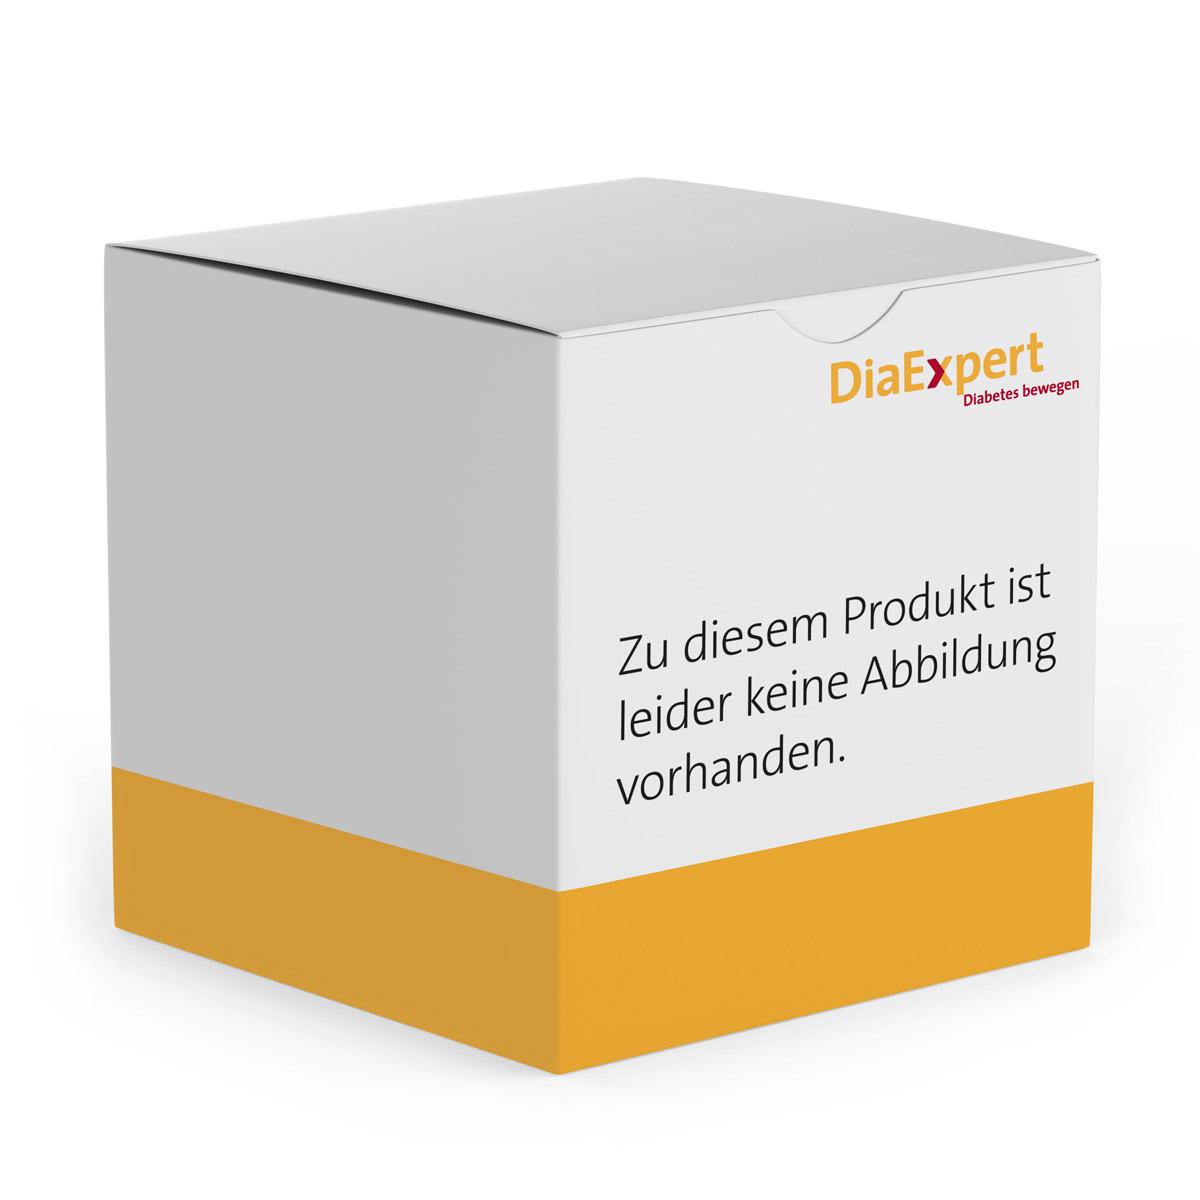 Wellion Linus Kontrolllösung Stufe 1 (mittel) 1x2,0 ml